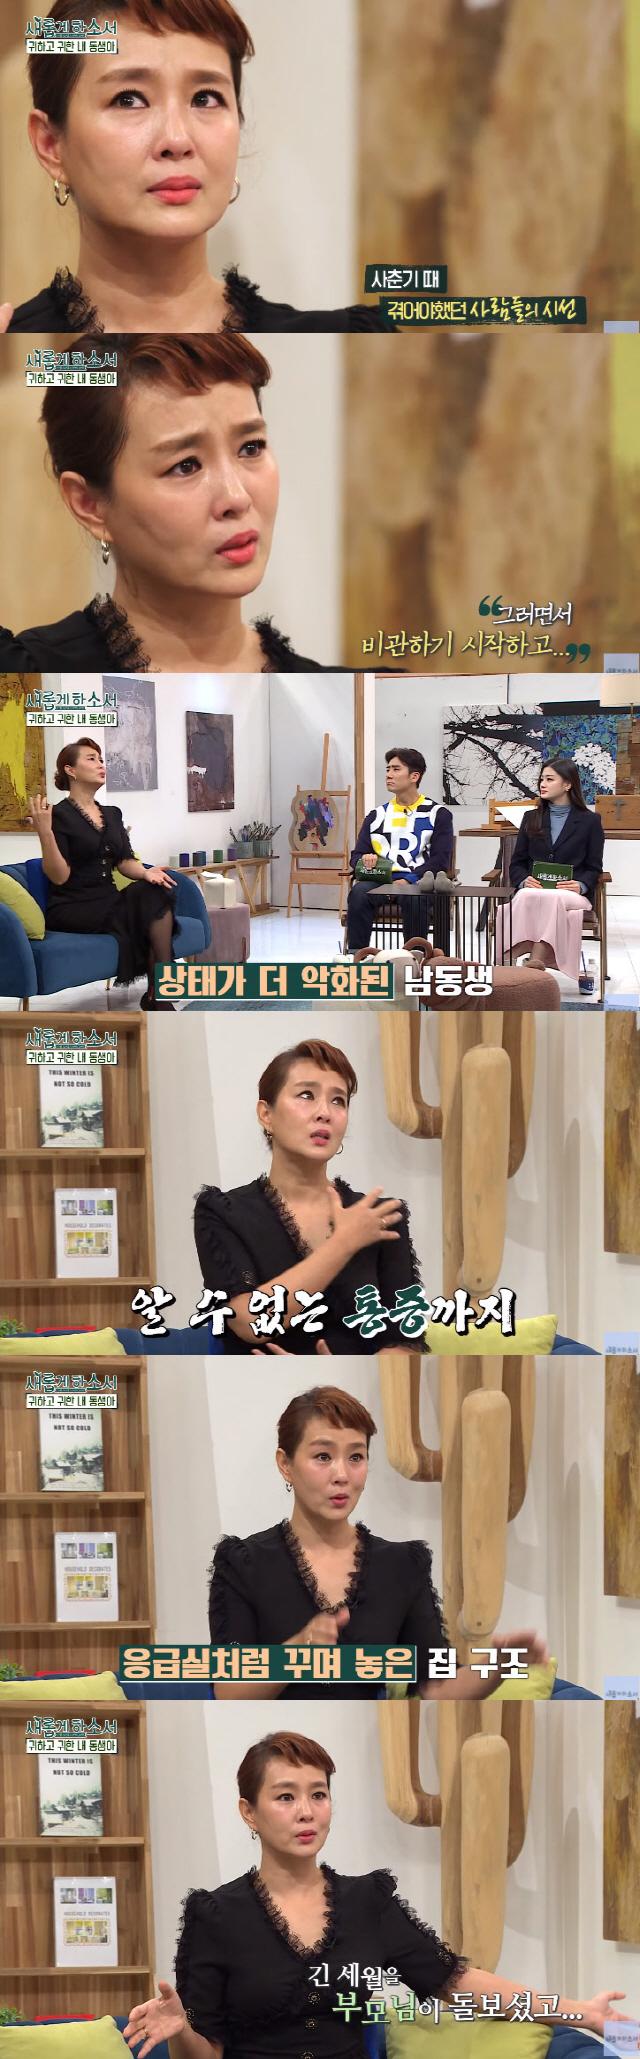 """김원희 """"남동생이 30 년 넘게 병을 앓고있다 … 아픔의 소리로 학대를 당했다""""(새로 만들어주세요)"""